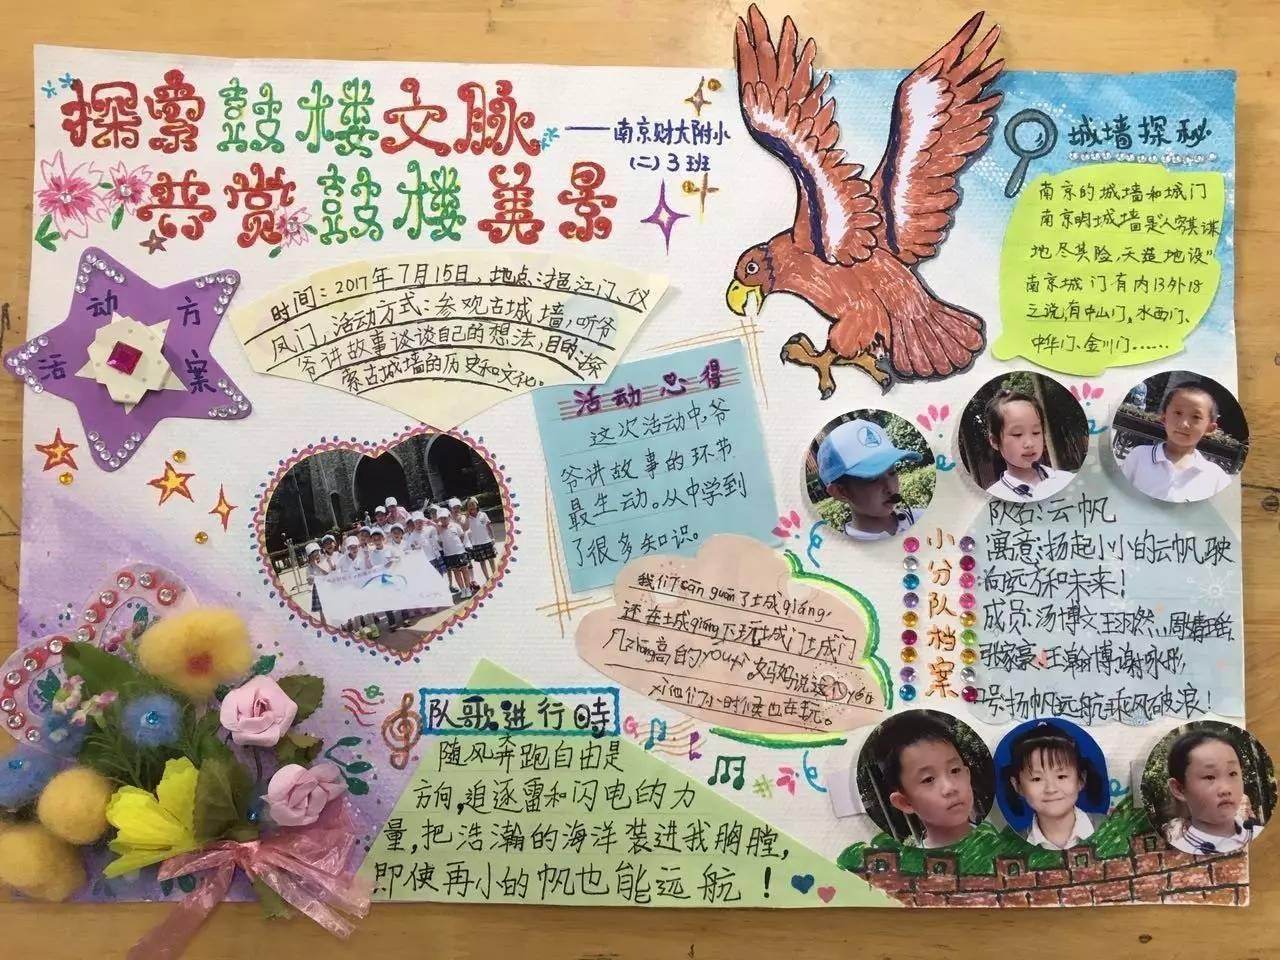 【雏鹰展示】优秀雏鹰假日小队手抄报 等你来投票点zan!